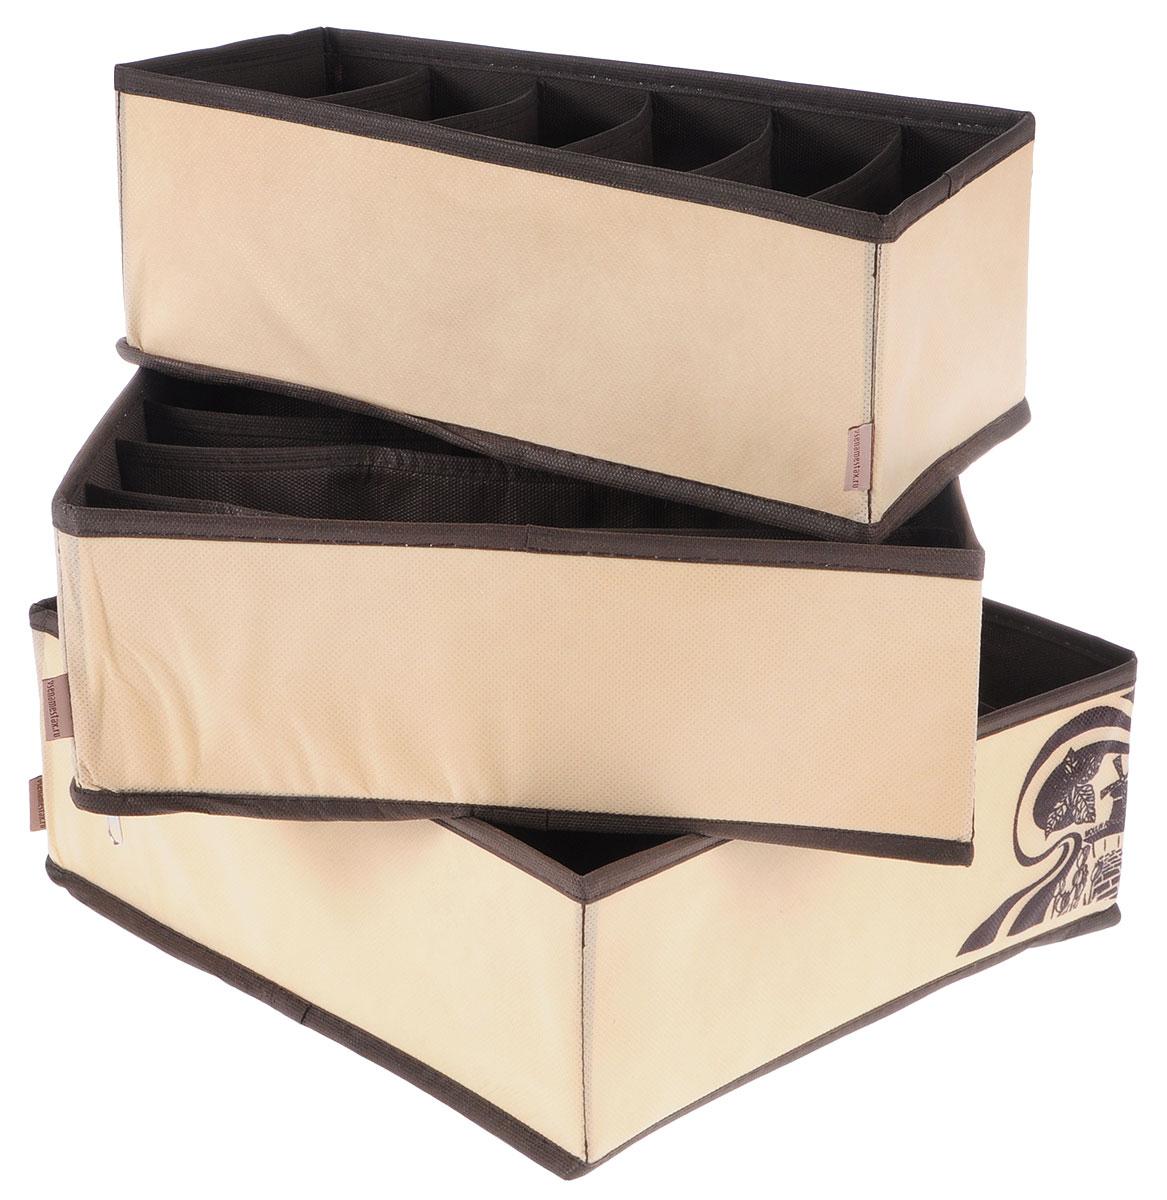 Набор органайзеров для белья Все на местах Париж, цвет: коричневый, бежевый, 3 предмета1001001Набор состоит из трех органайзеров для хранения косметики и аксессуаров, а также белья. Изделия выполнены из высококачественного нетканого материала (спанбонда), который обеспечивает естественную вентиляцию, позволяя воздуху проникать внутрь, но не пропускает пыль. Вставки из ПВХ хорошо держат форму. Набор органайзеров для косметики и аксессуаров поможет привести элементы женского туалета или белья в порядок. Оригинальный дизайн придется по вкусу ценительницам эстетичного хранения. Размер органайзеров: 32 см х 32 см х 11 см; 32 см х 32 см х 11 см, 32 см х 16 см х 11 см.